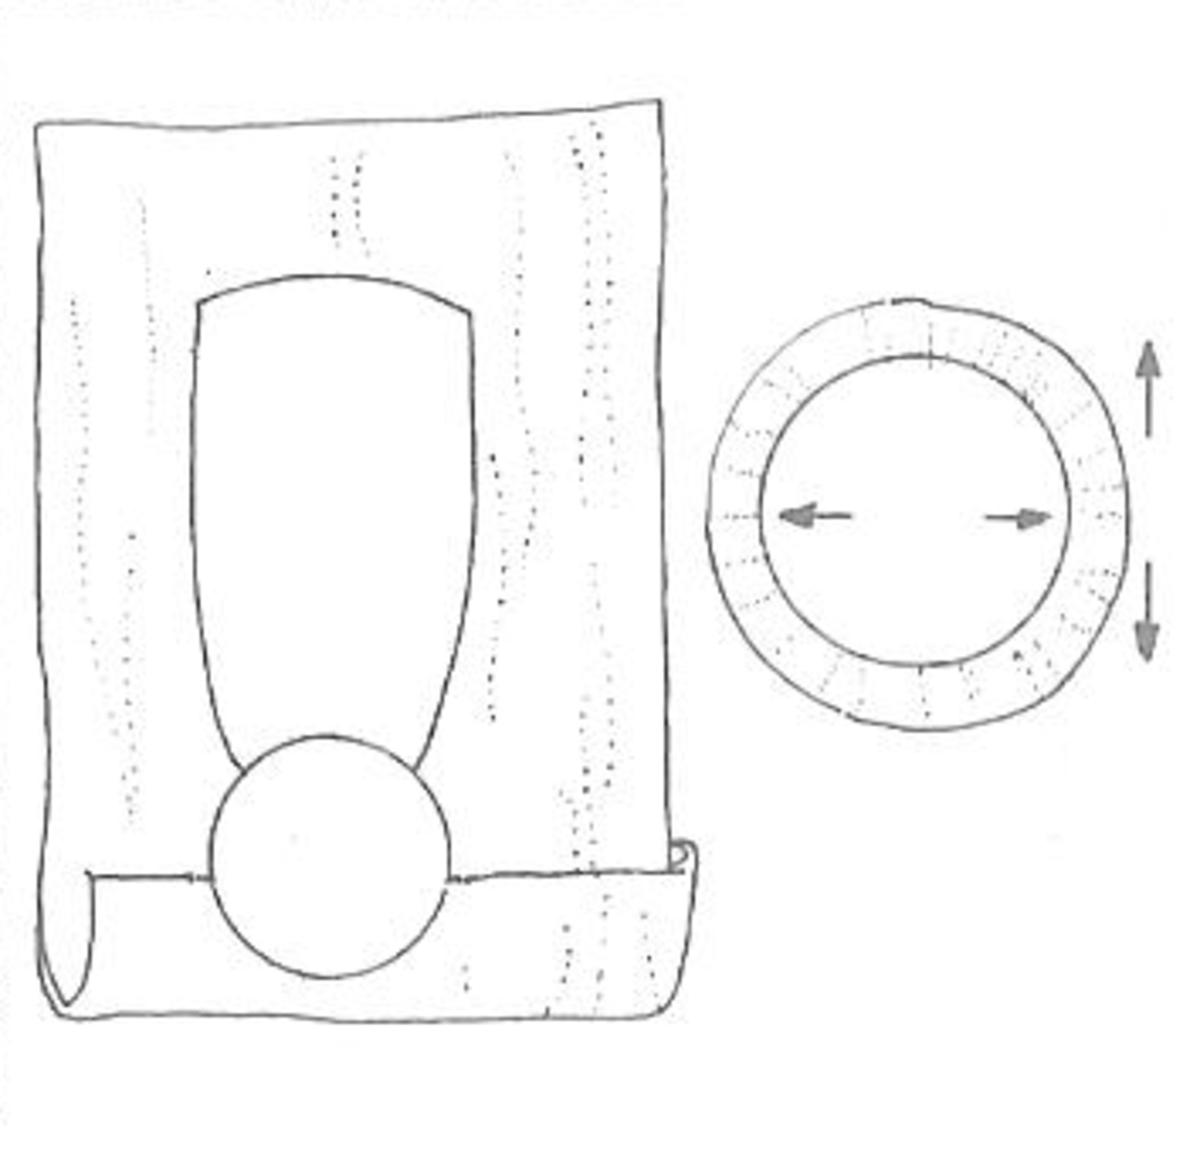 Figure 9 (left) & Figure 10 (right)